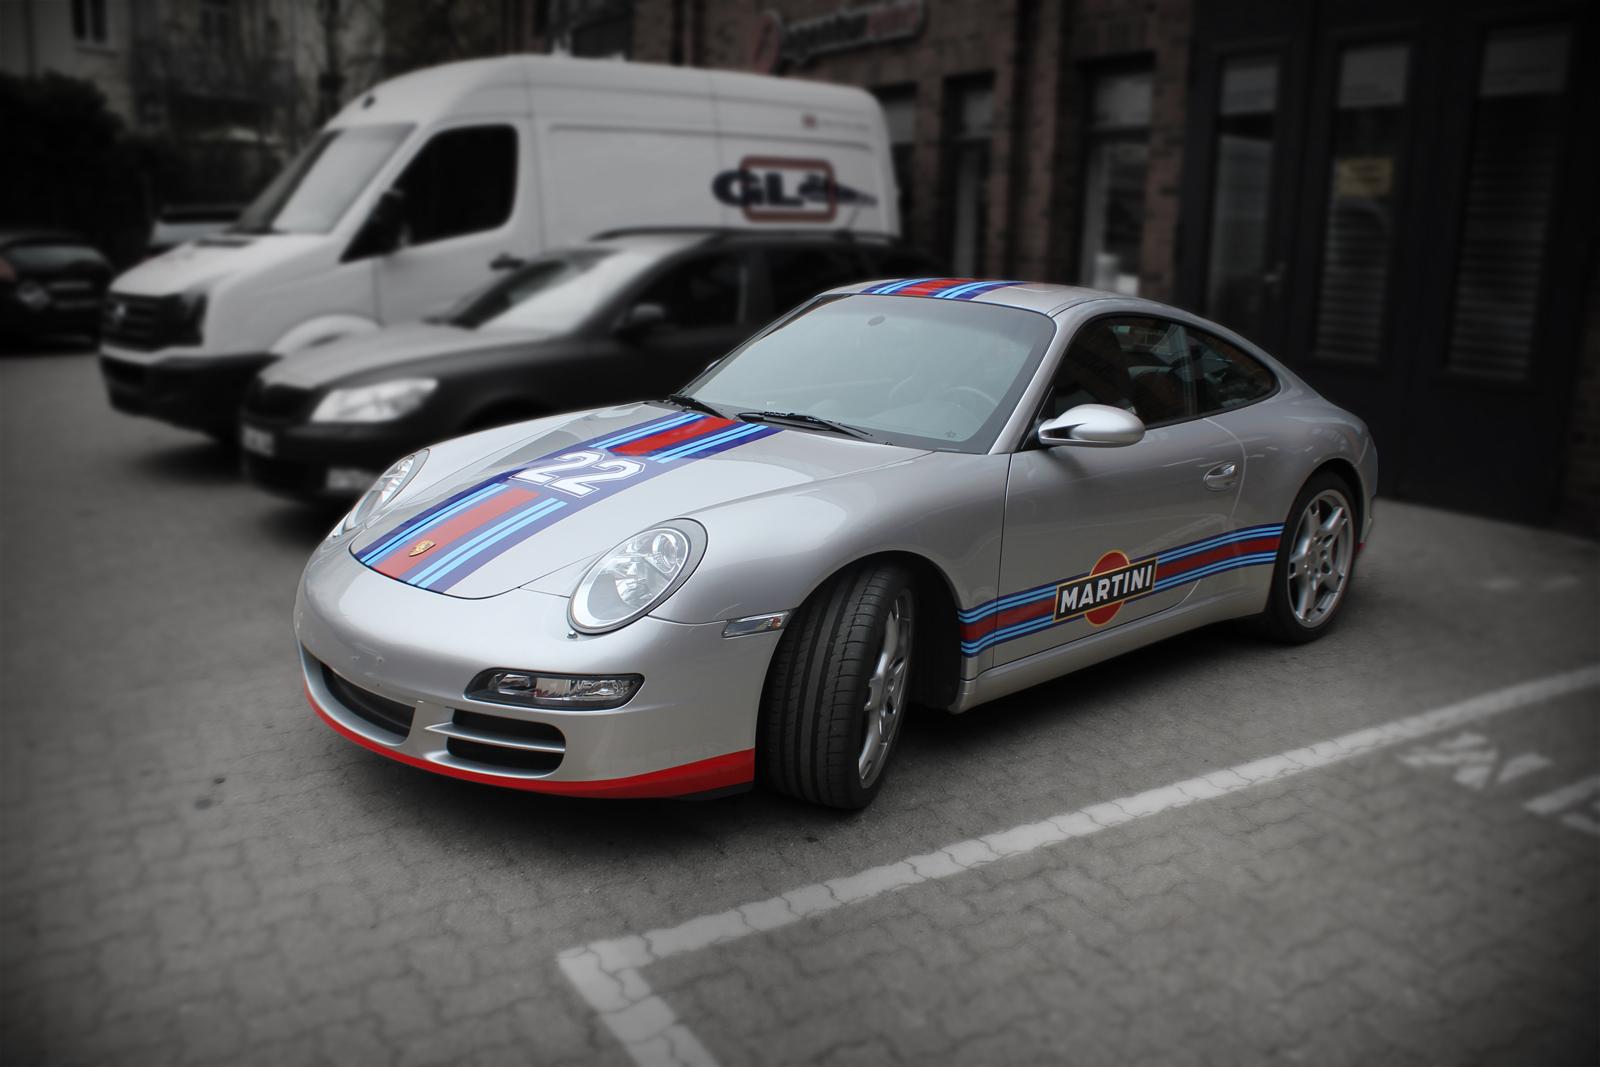 Porsche 911 Rallyestreifen und Teilfolierung im Martini Racing Design.